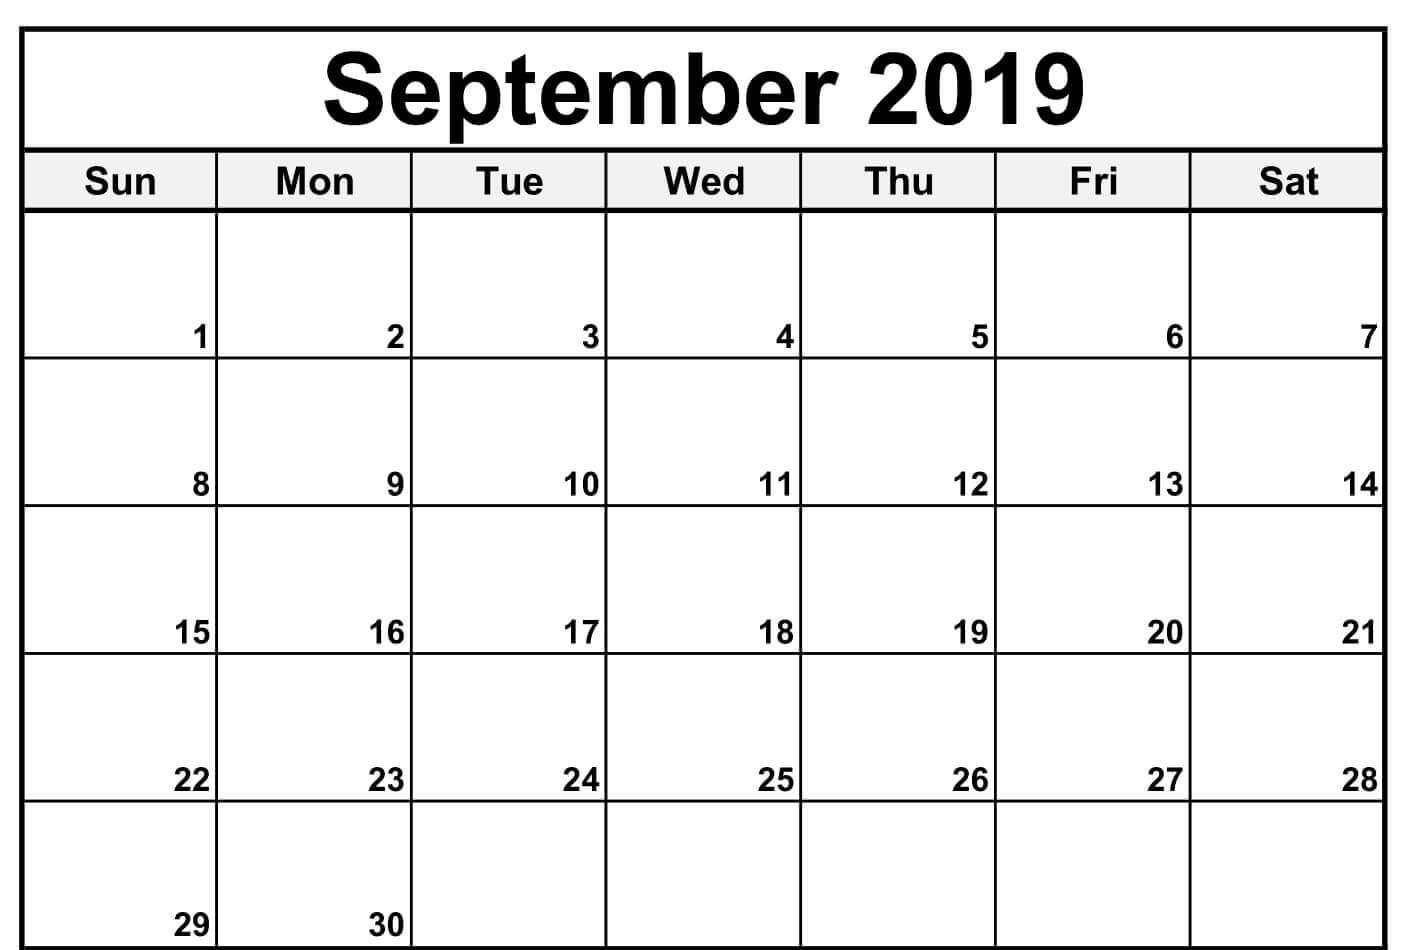 September 2019 Calendar Excel | Blank Calendar Template